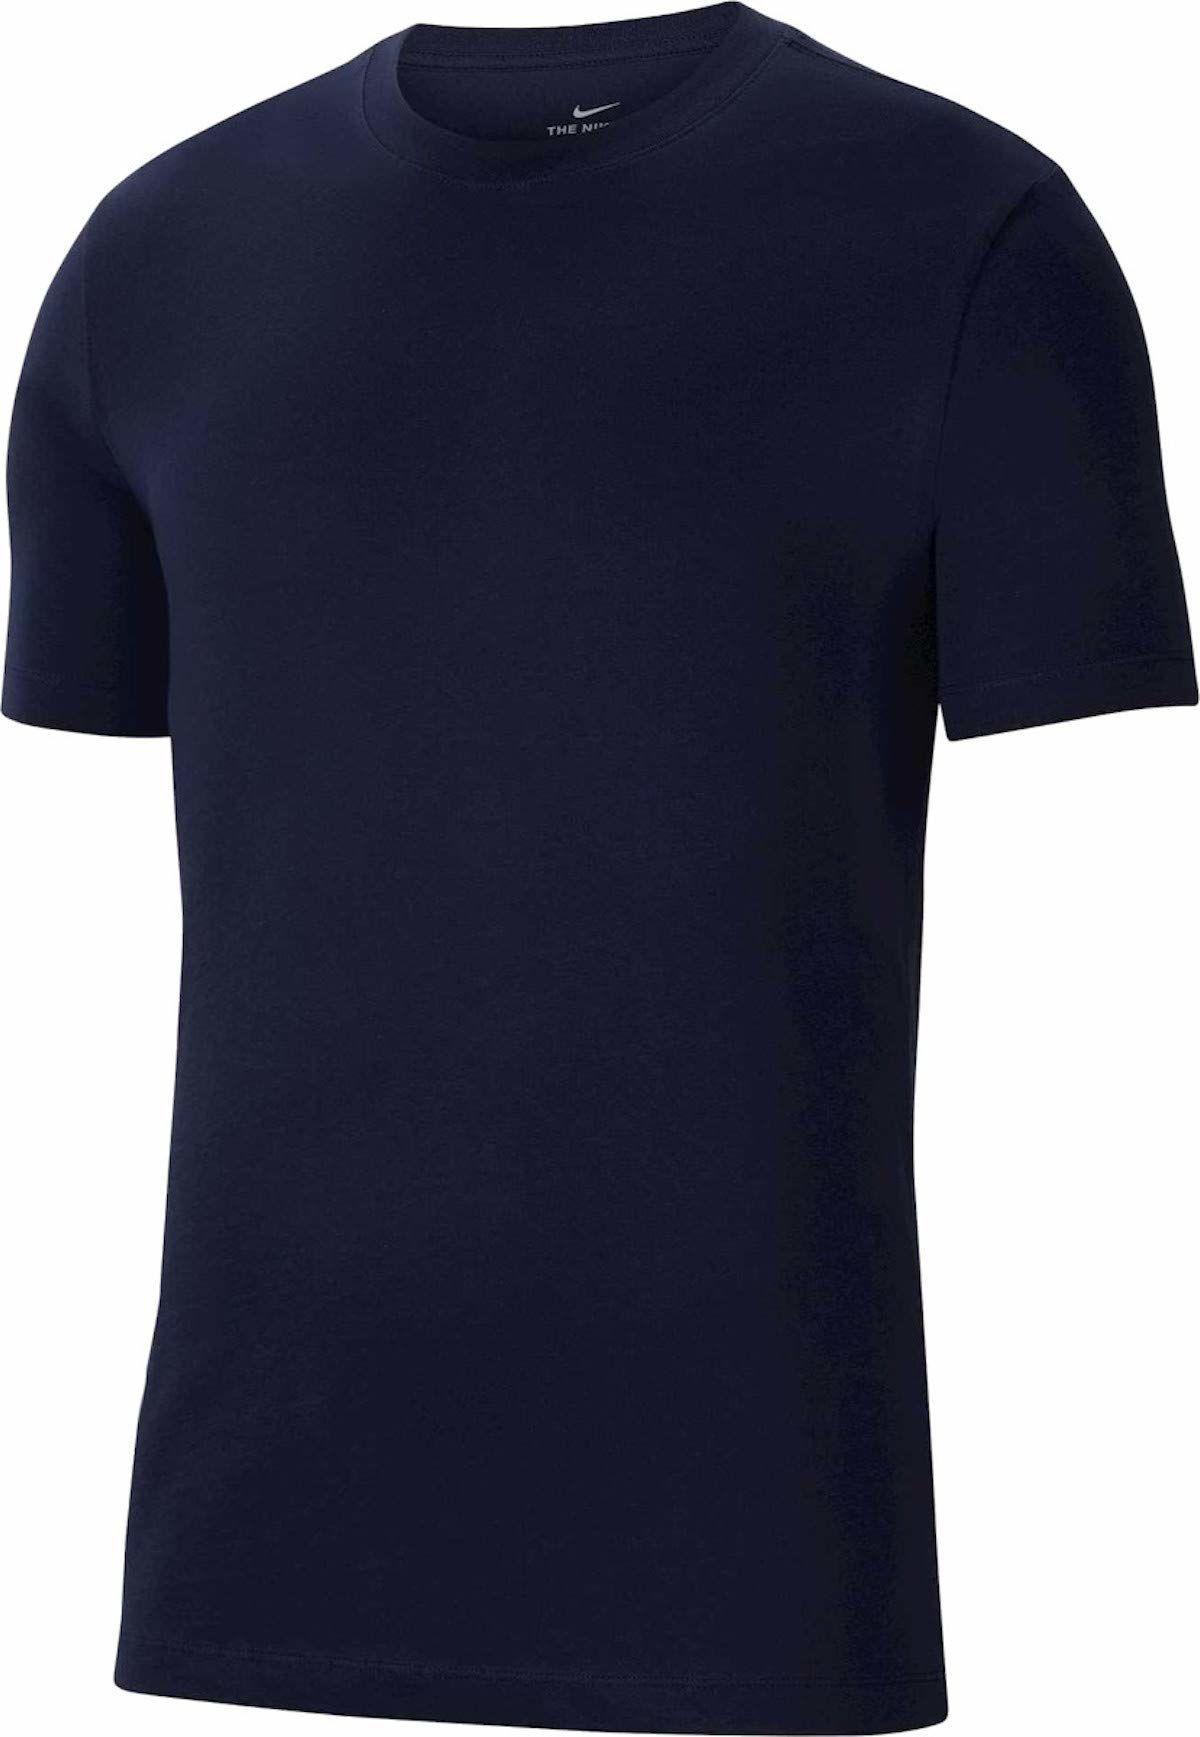 Nike T-shirt męski Team Club 20 Tee obsydianowy/biały XL